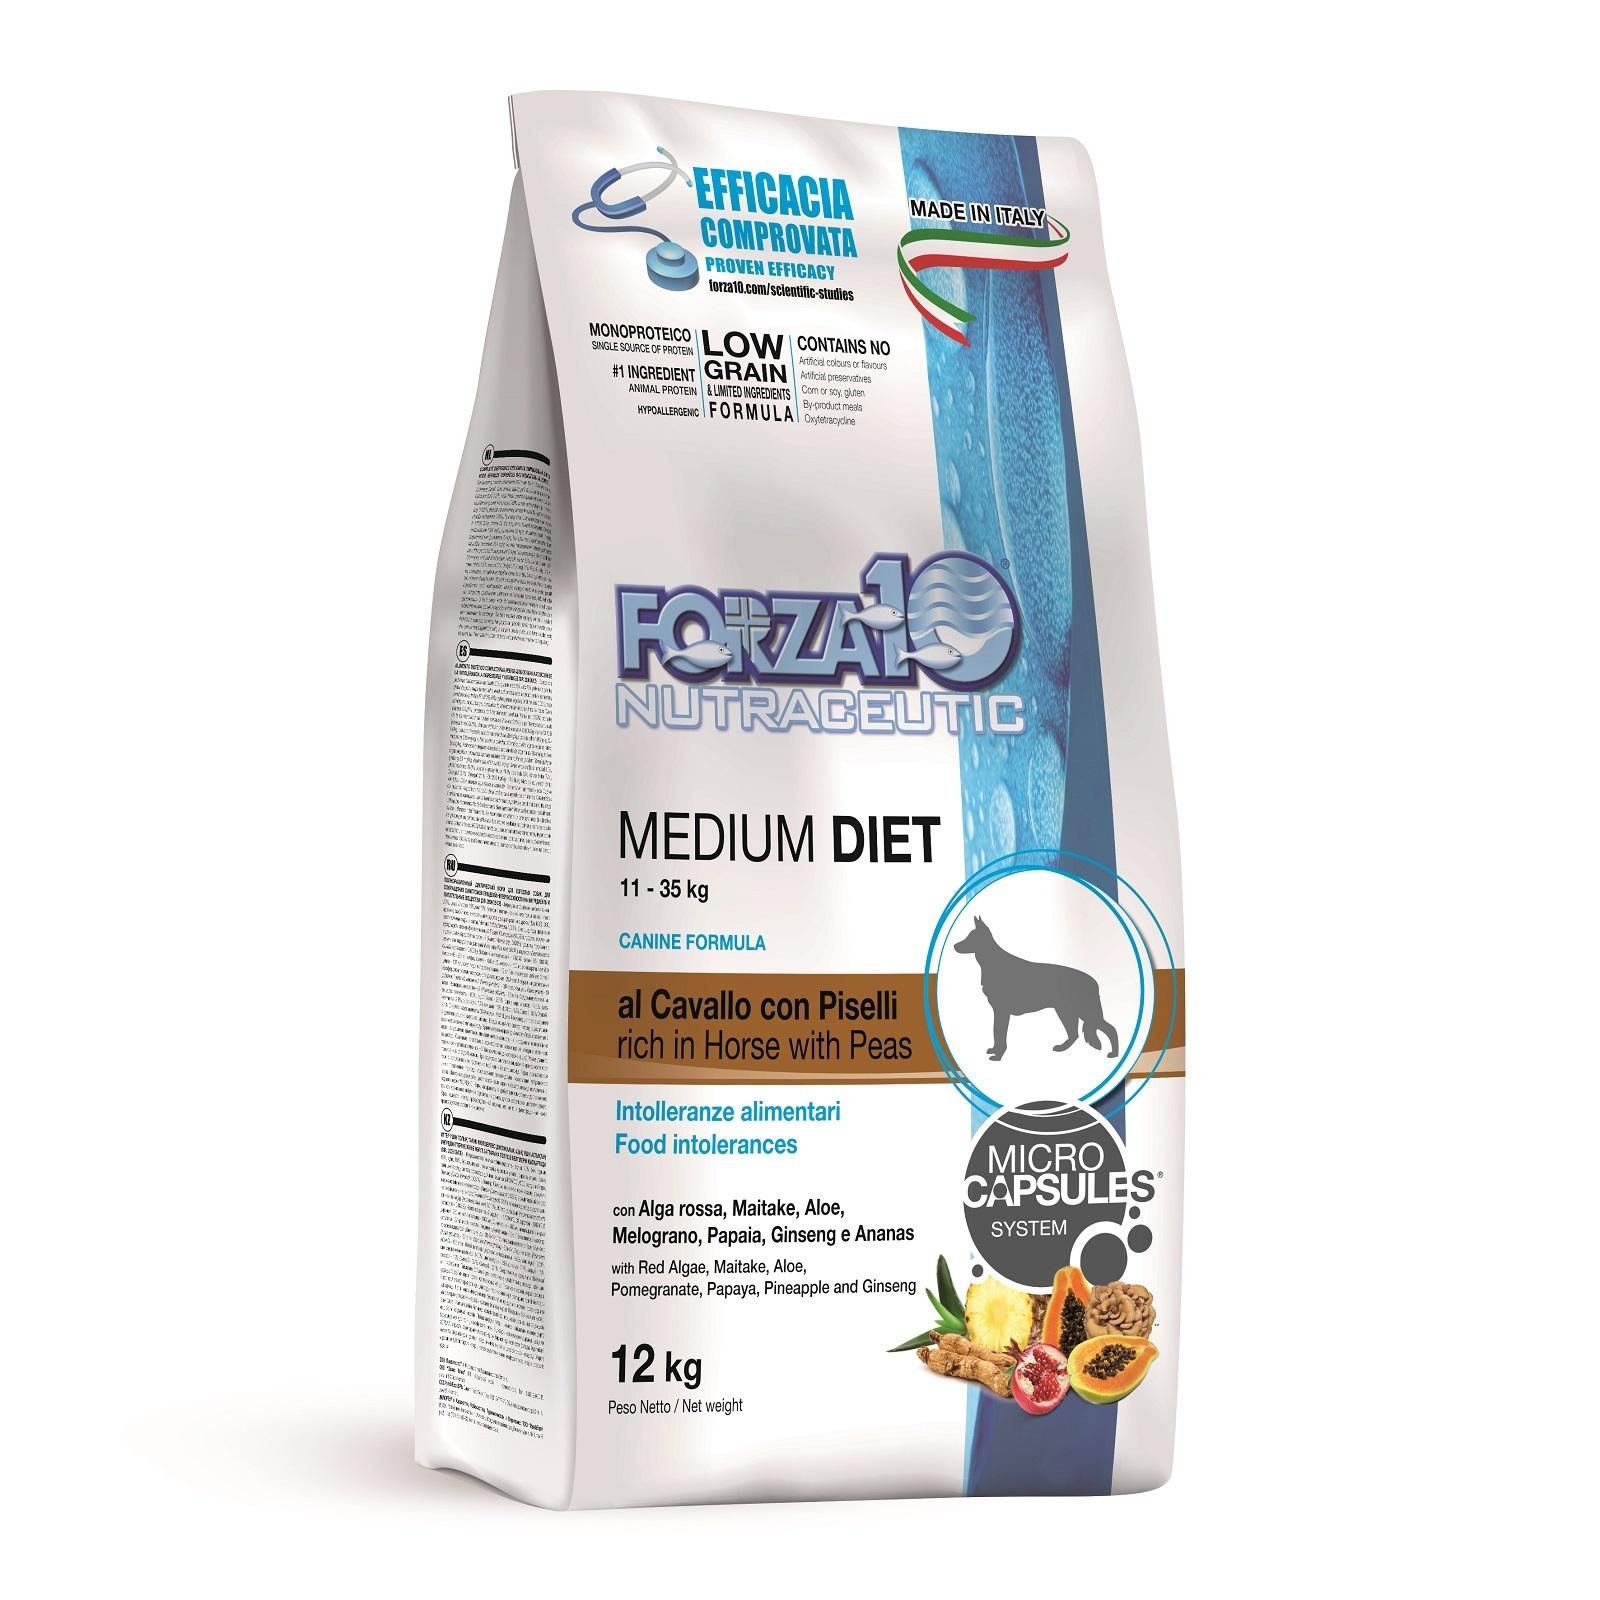 Сухой корм Forza 10 Medium Diet Low Grain для взрослых собак с кониной, 12кг